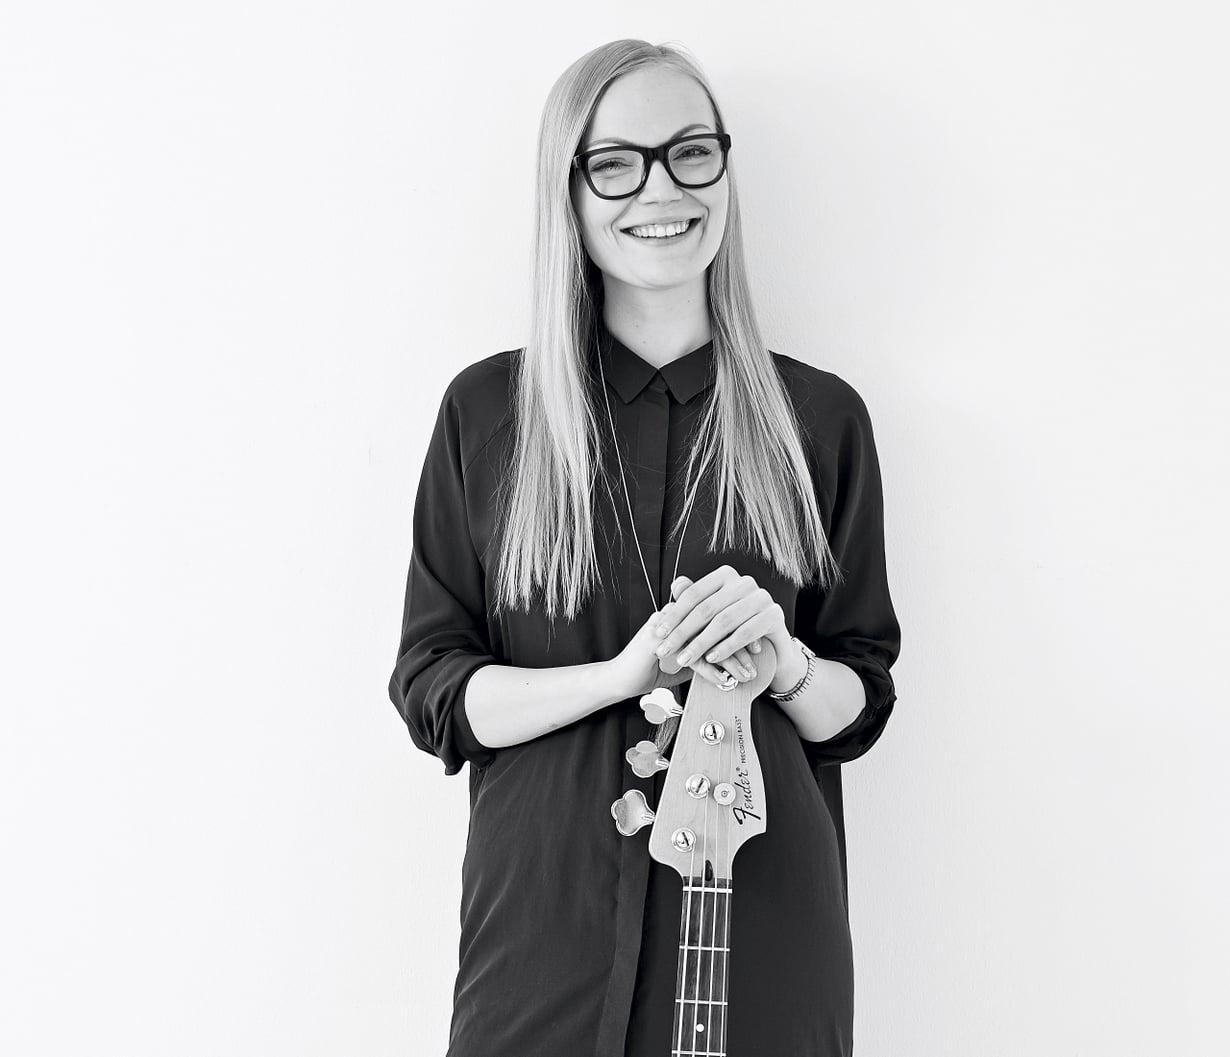 Musiikinopettaja Minja Koskela, 28, kuuntelee mieluummin puheradiota kuin musiikkia.